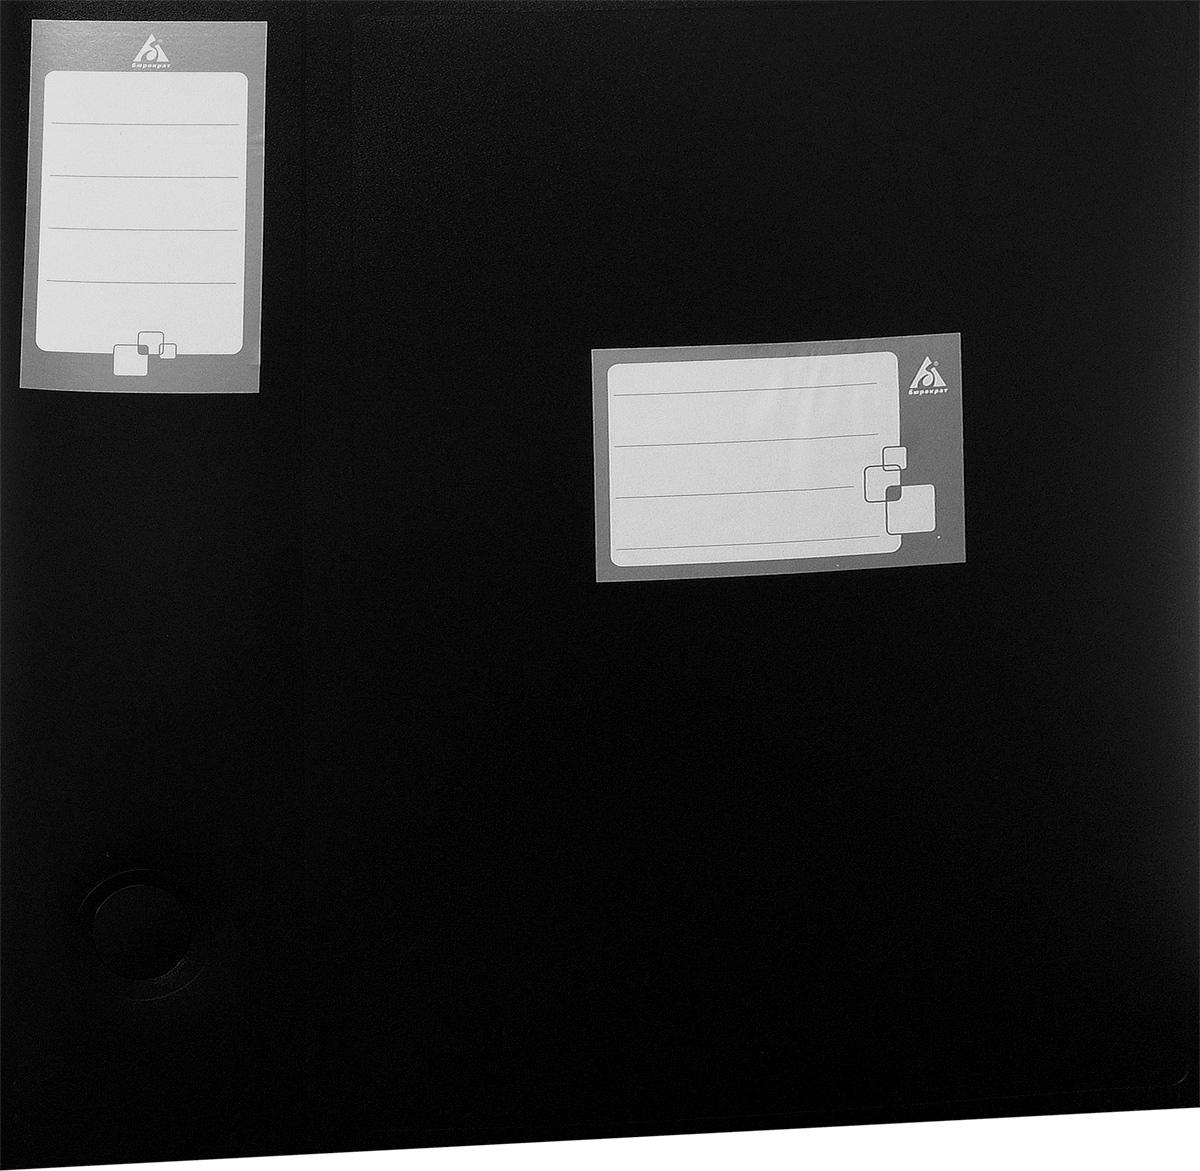 Бюрократ Архивный короб цвет черный 816194FS-36054Архивный короб Бюрократ очень удобный и прочный аксессуар для хранения листов и документов формата А4. Папка закрывается на удобную вырубную застежку и имеет два стикера для записи, на абзаце и сбоку. Для удобства извлечения папки с места хранения, на двух торцевых сторонах предусмотрены круглые отверстия. Короб выполнен из прочного пластика толщиной 0,8 мм. Архивный короб Бюрократ поможет вам красиво и правильно организовать хранение документов.